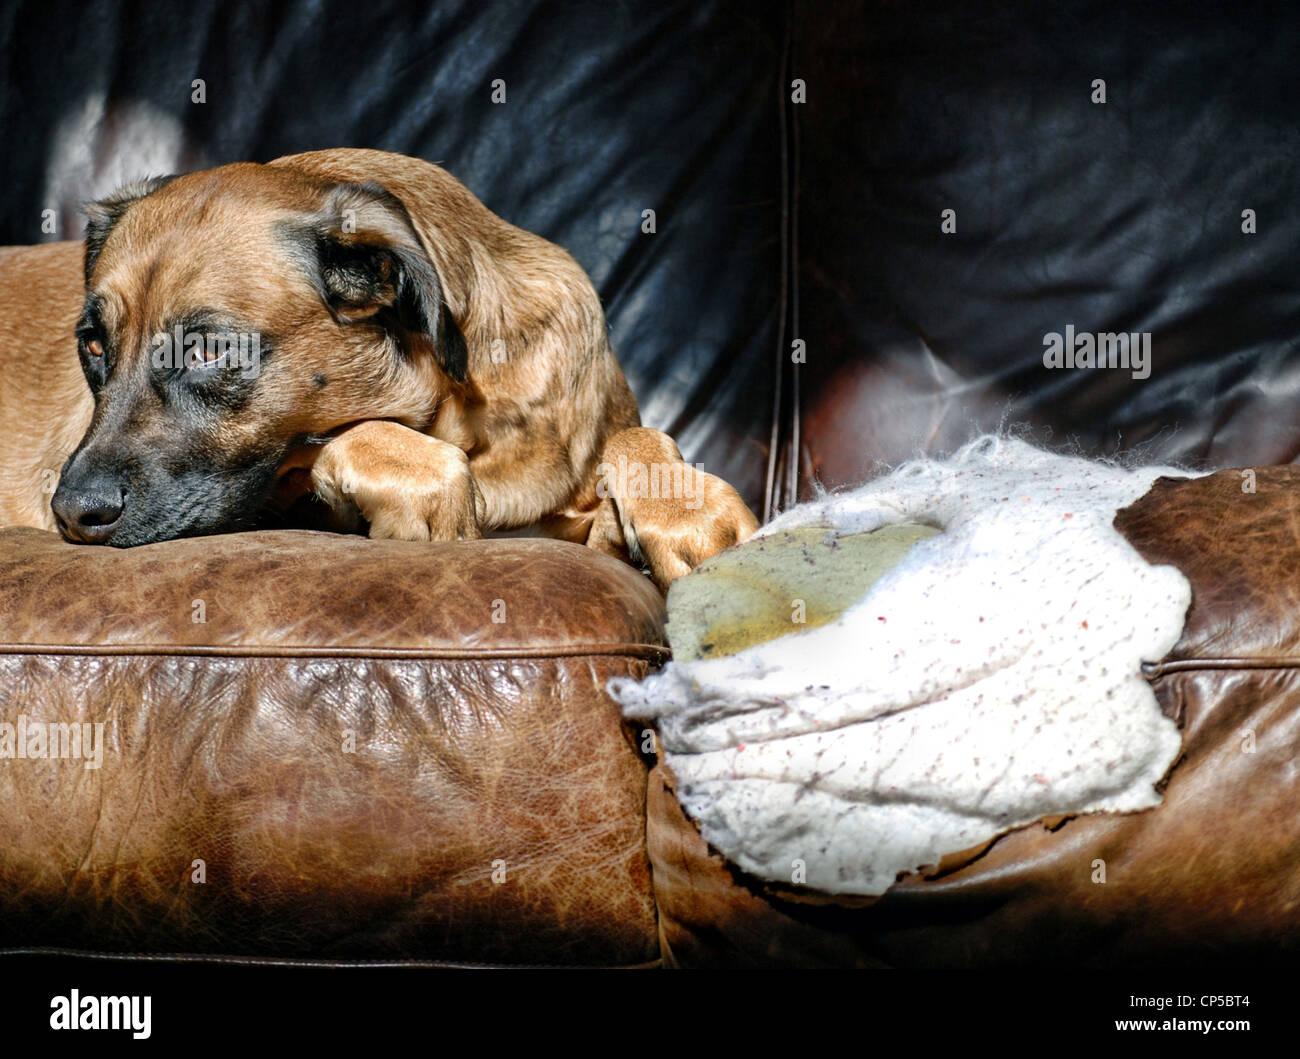 Bad Dog - Stock Image